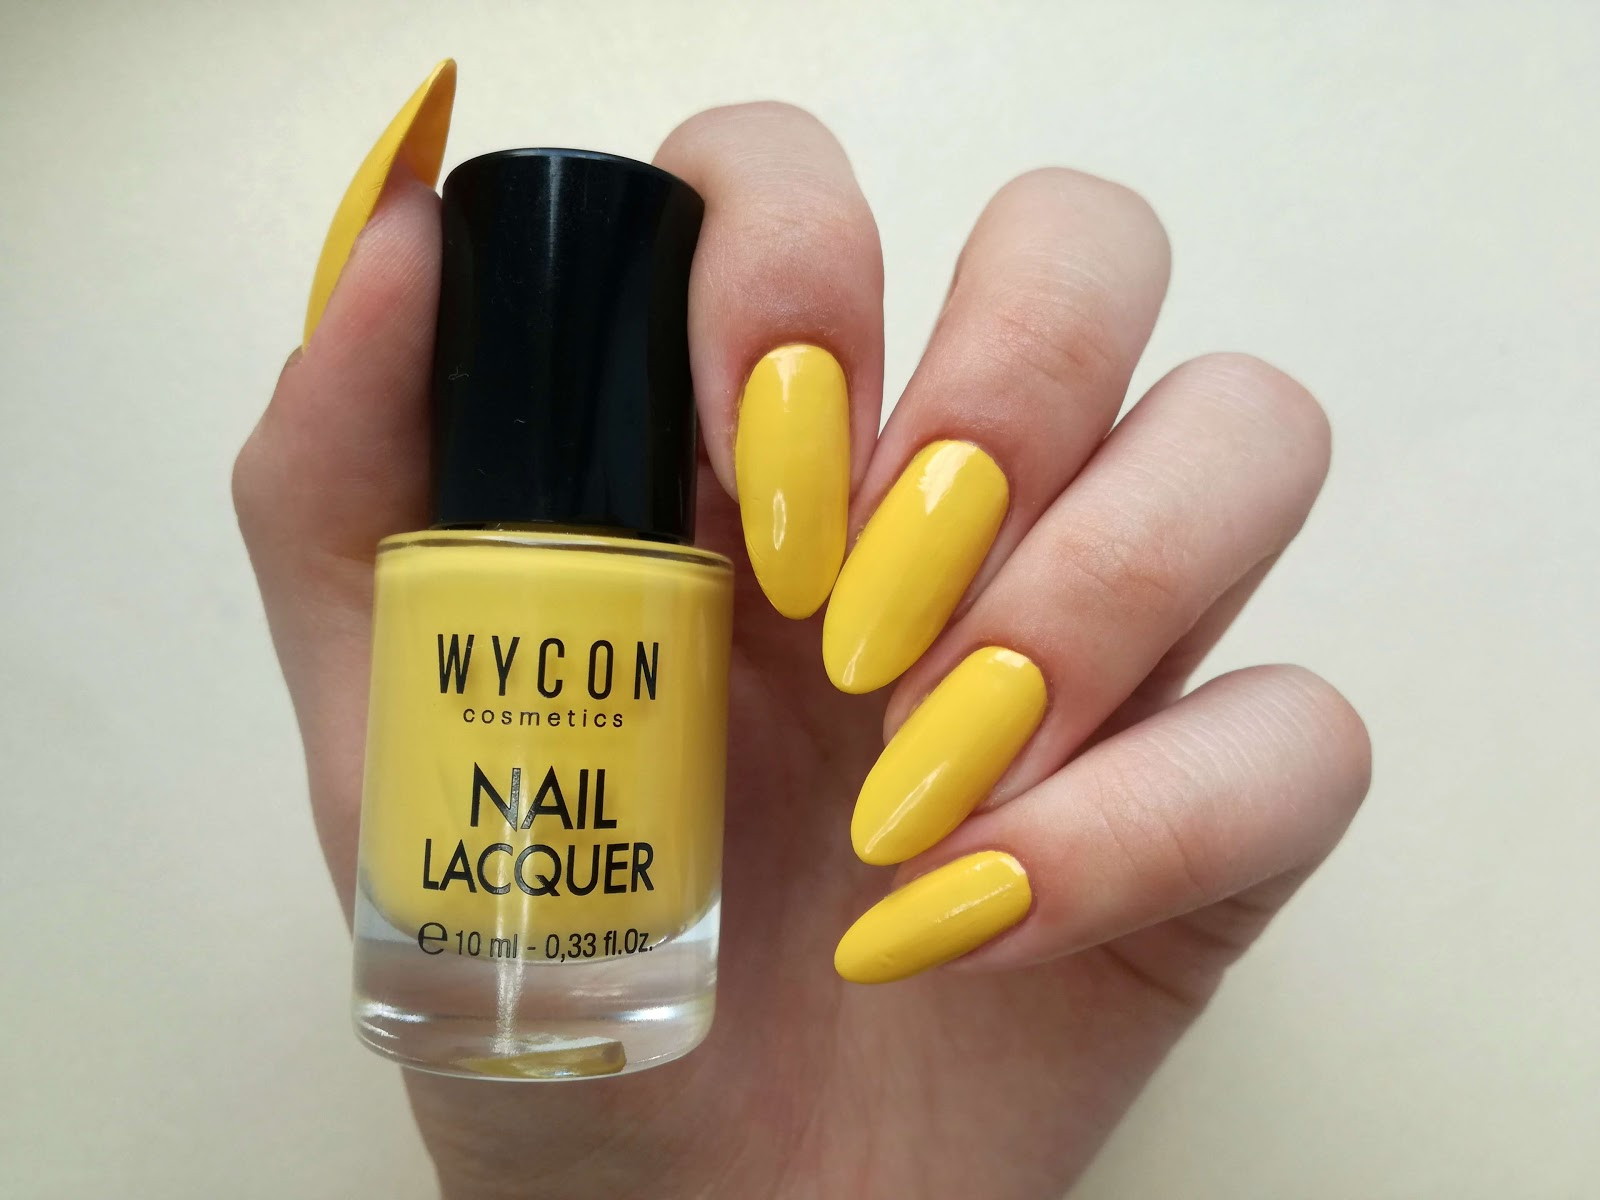 żółty lakier wycon